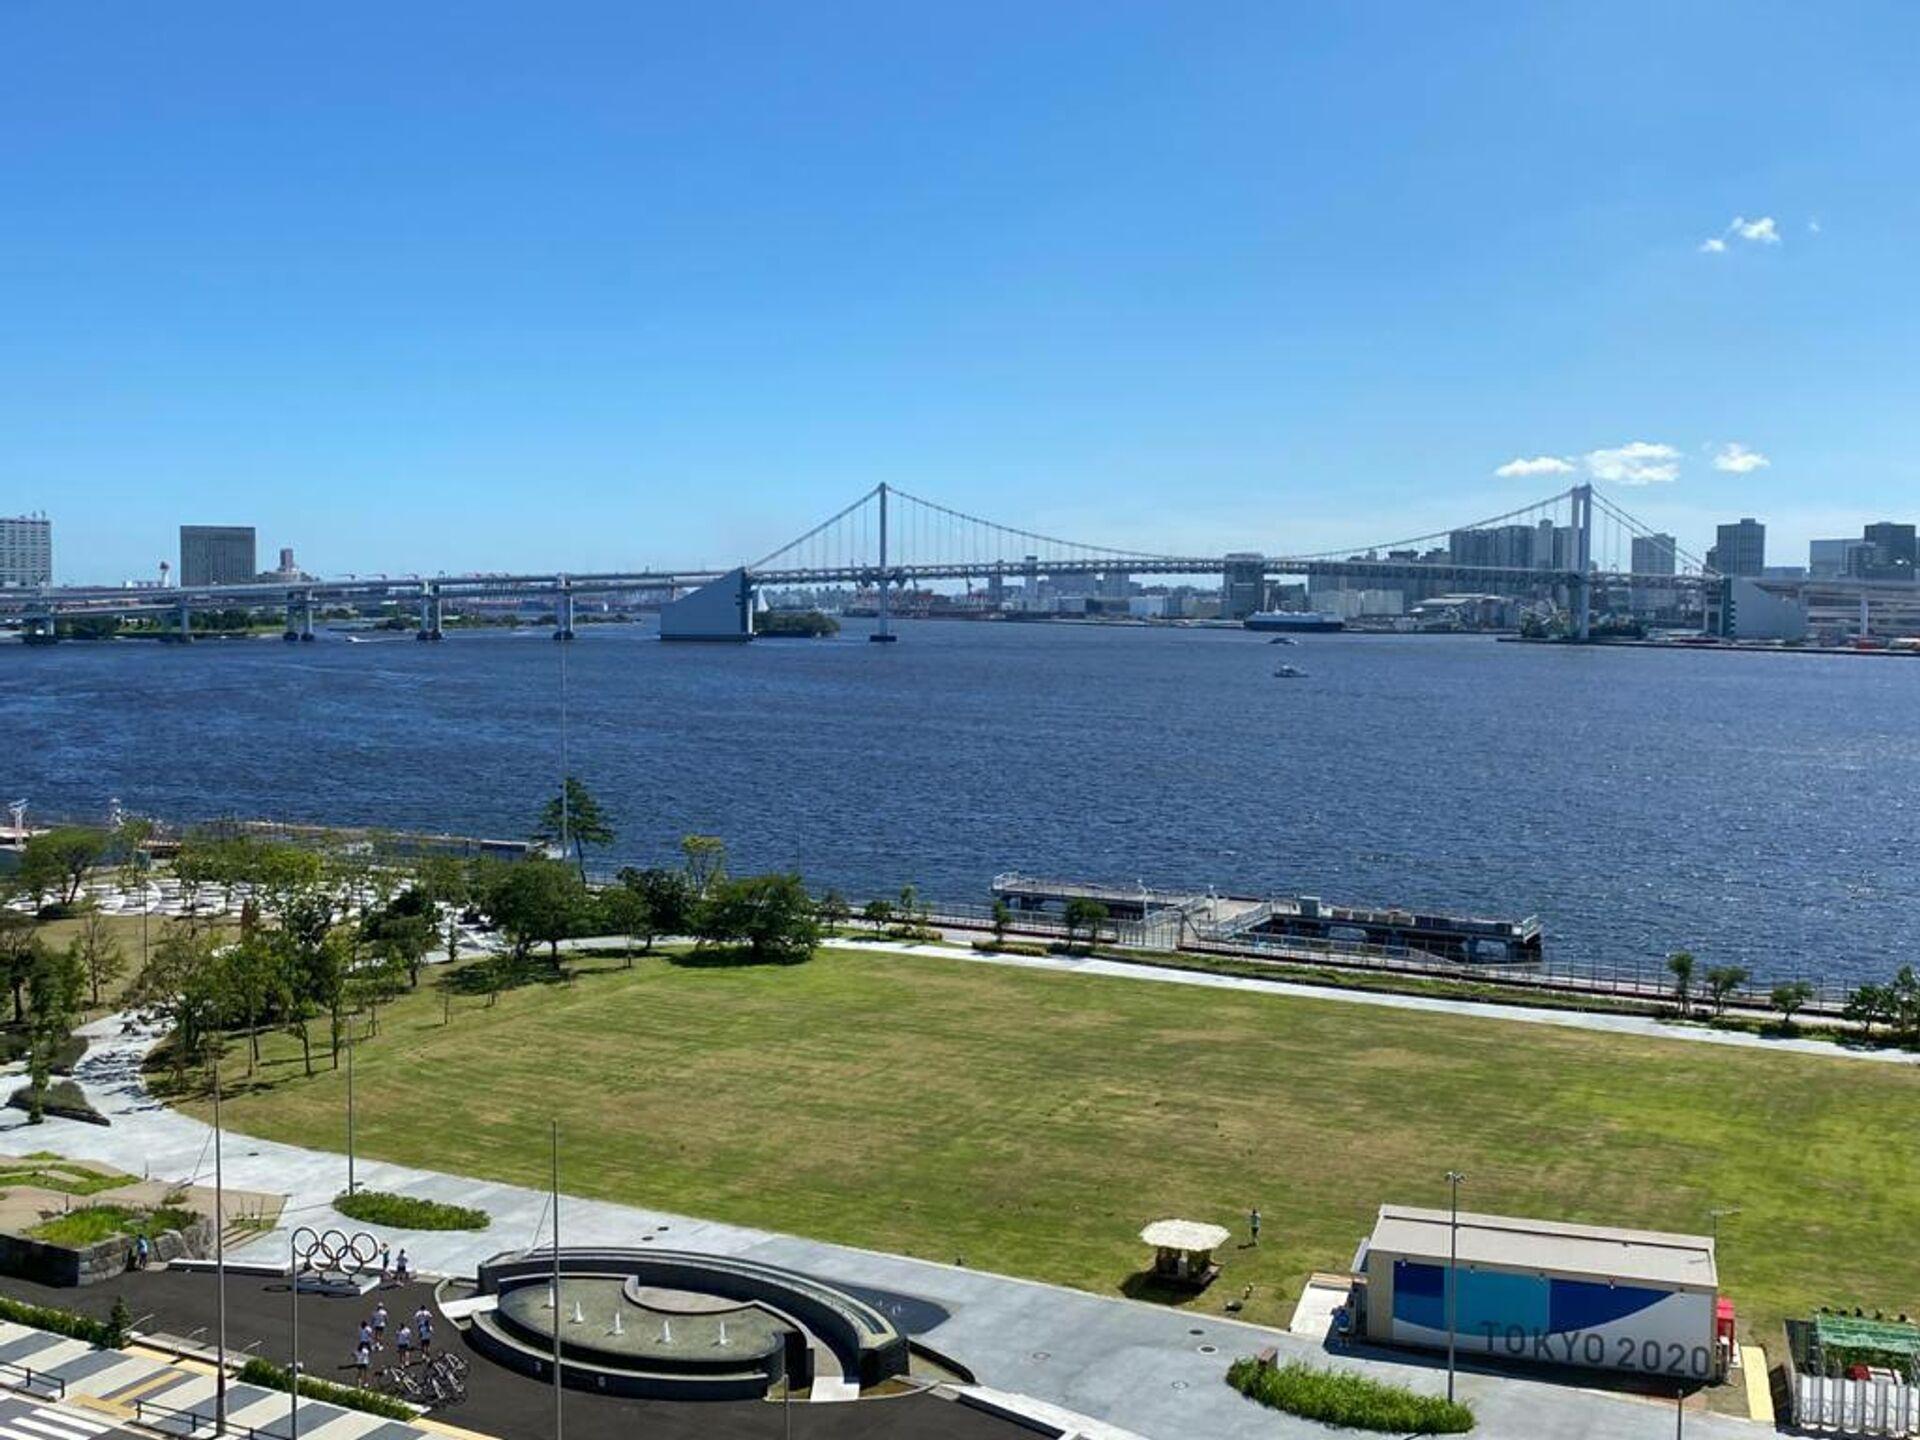 Вид с олимпийской деревни в Токио, где пройдут Олимпийские игры - РИА Новости, 1920, 19.07.2021